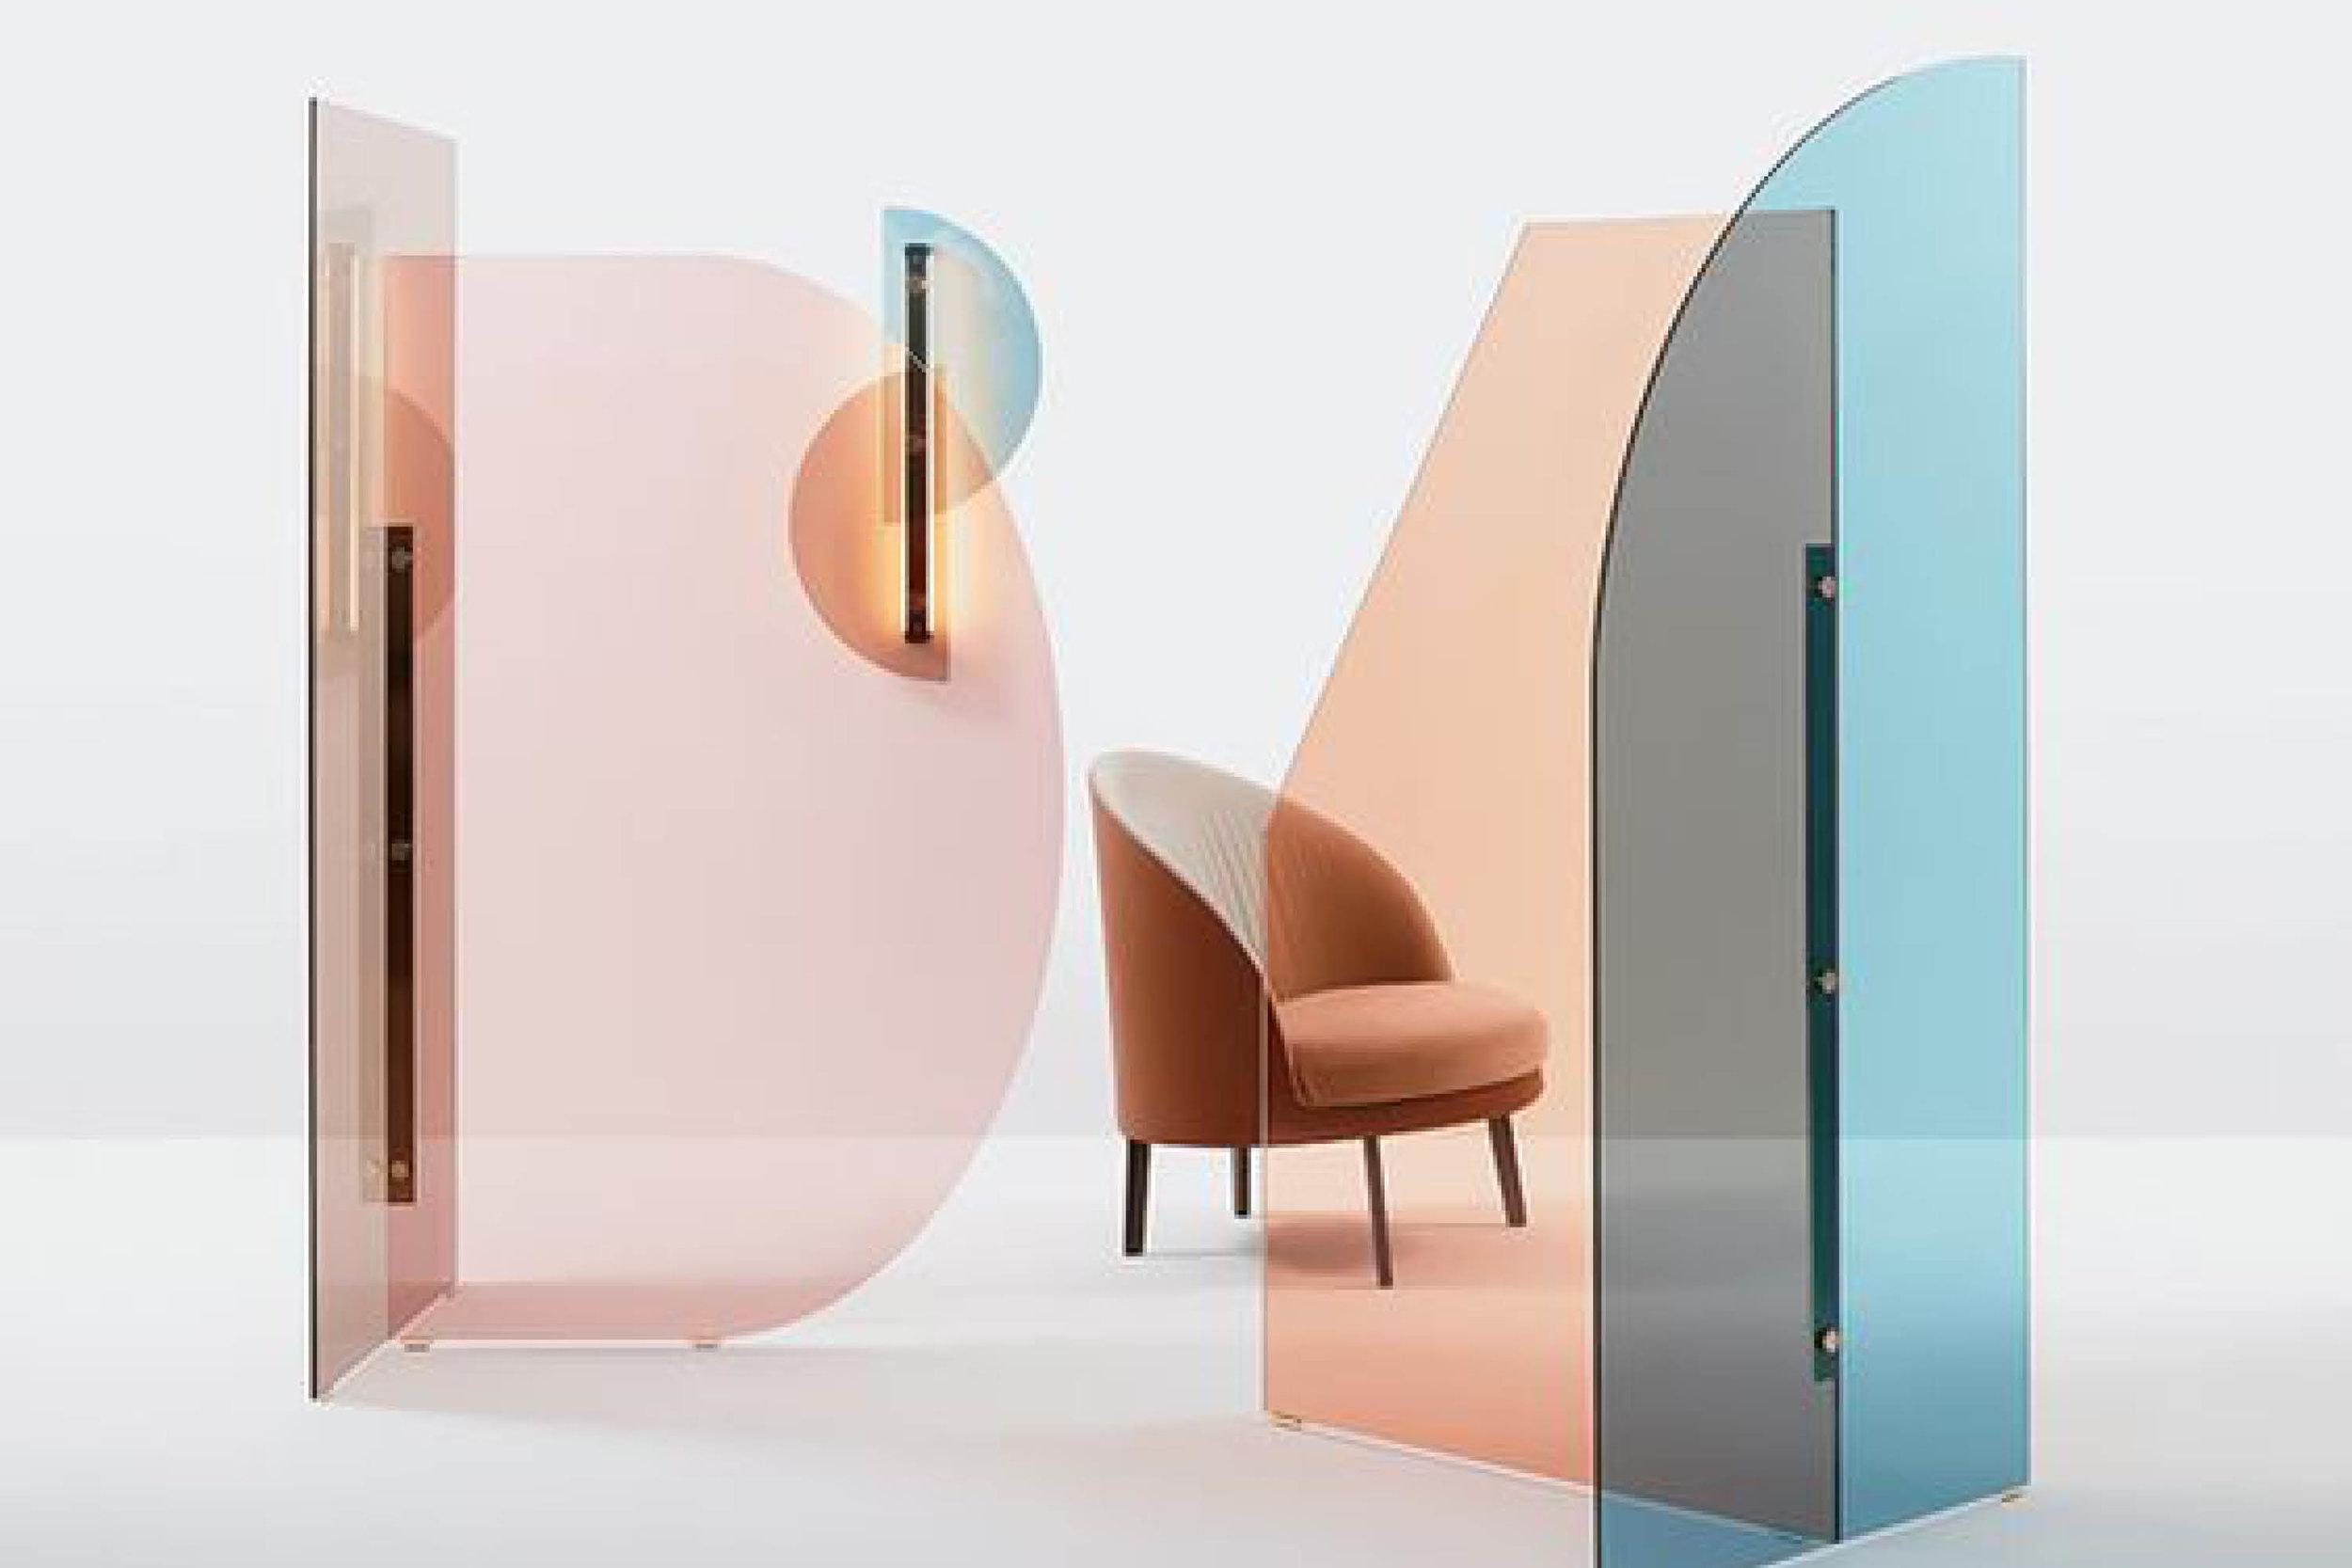 Design Diffusion at the Salone del Mobile in Milan 2017